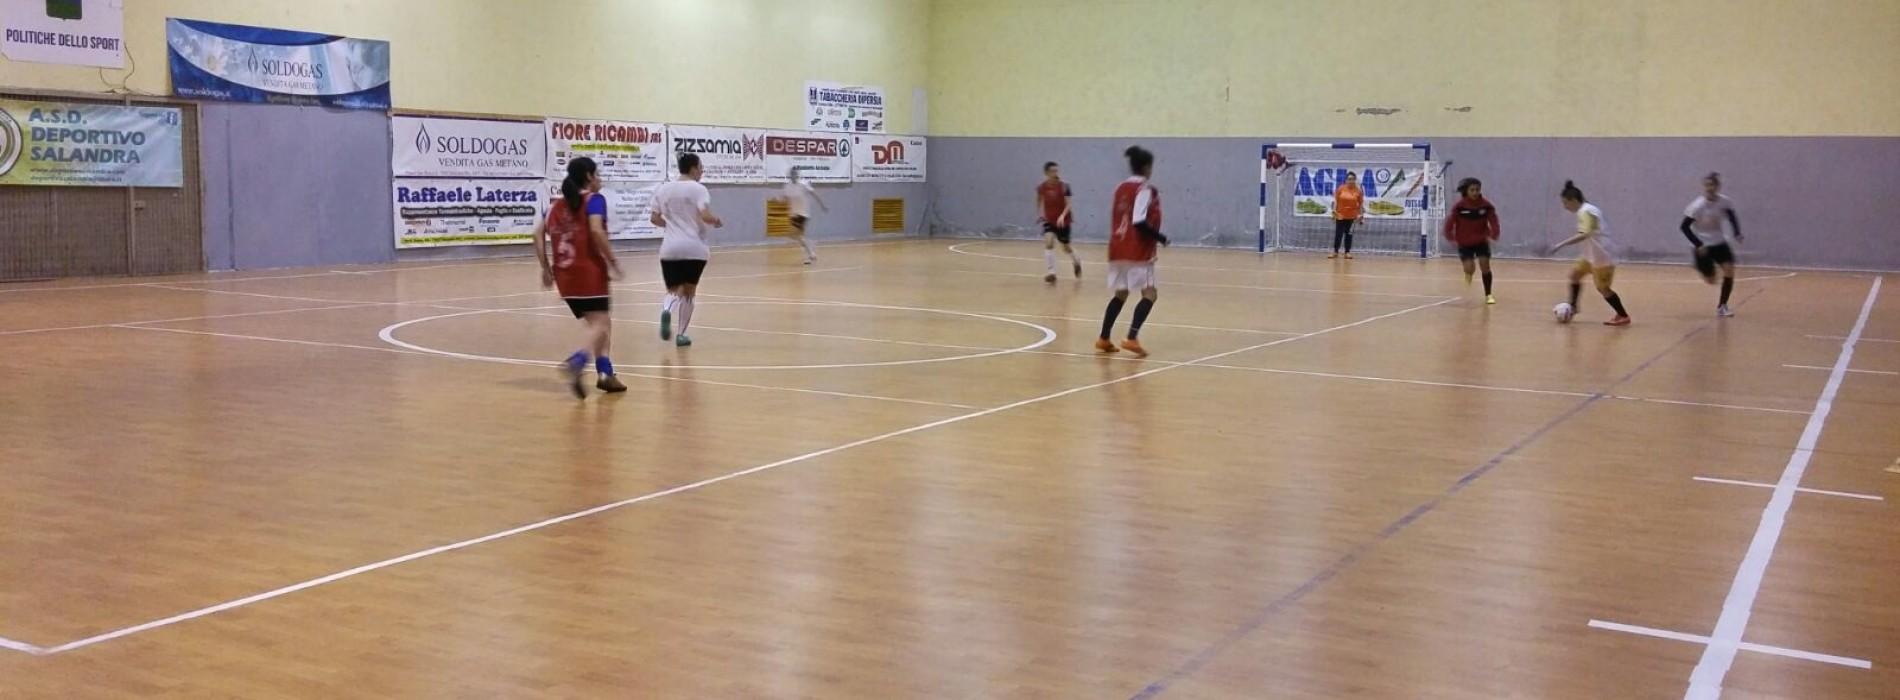 Futsal: settimana di raduni per le Rappresentative Juniores, Allievi e Femminile